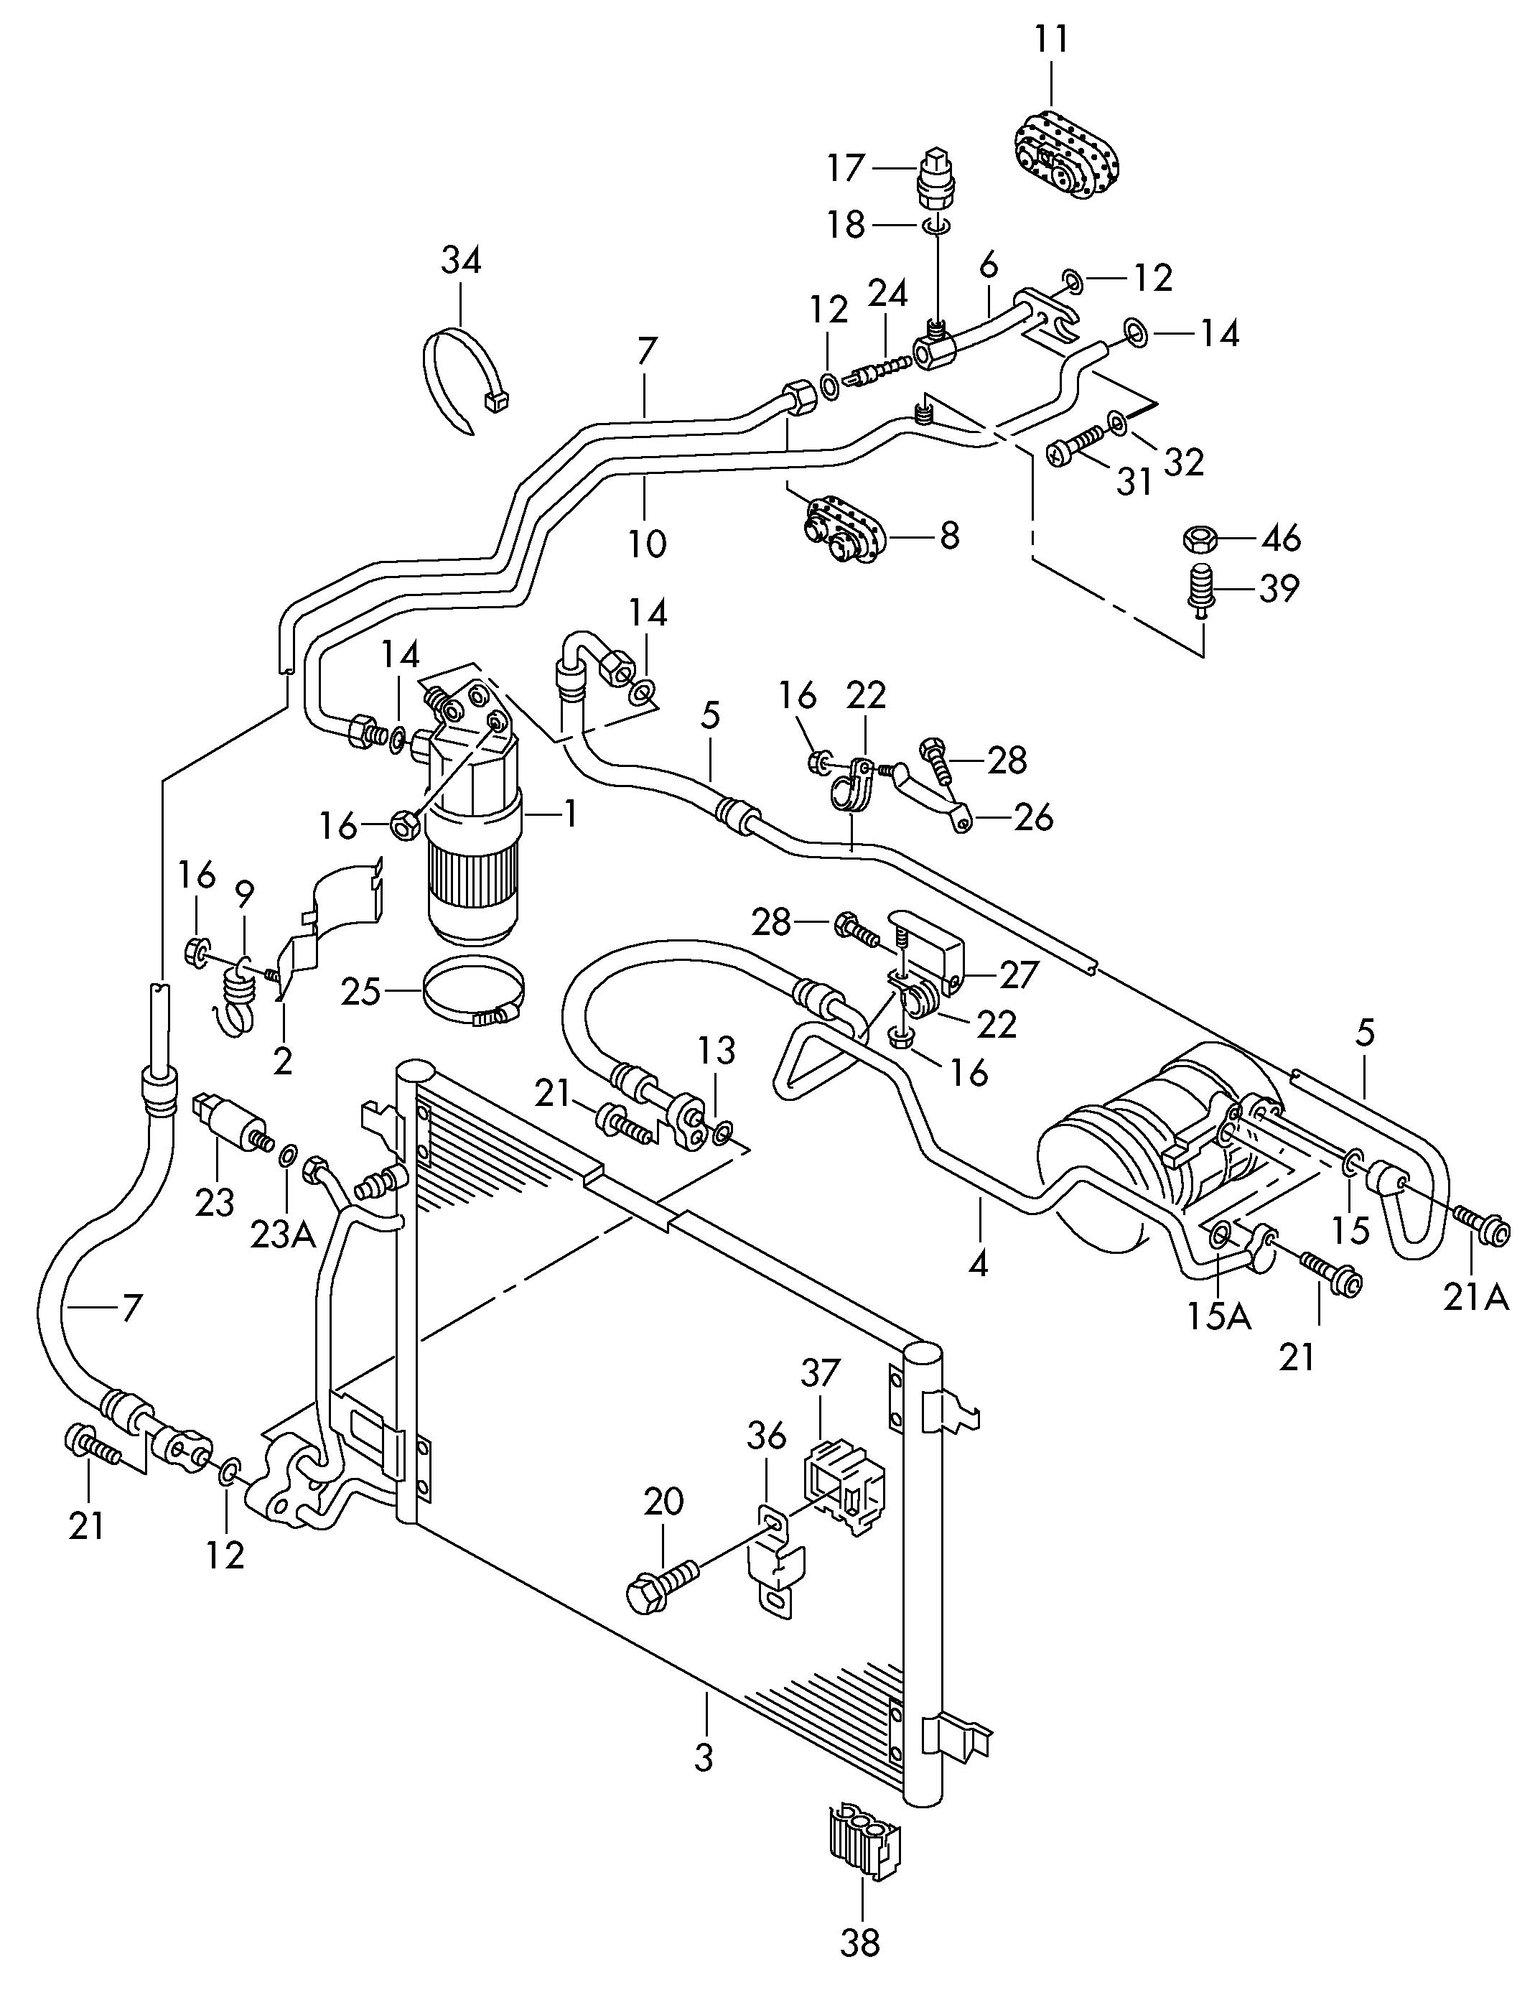 7t 2 Engine Diagram Automotive Wiring Audi A 4 3 0 A6 Library Rh 32 Codingcommunity De Lancer Vacuum 02 30